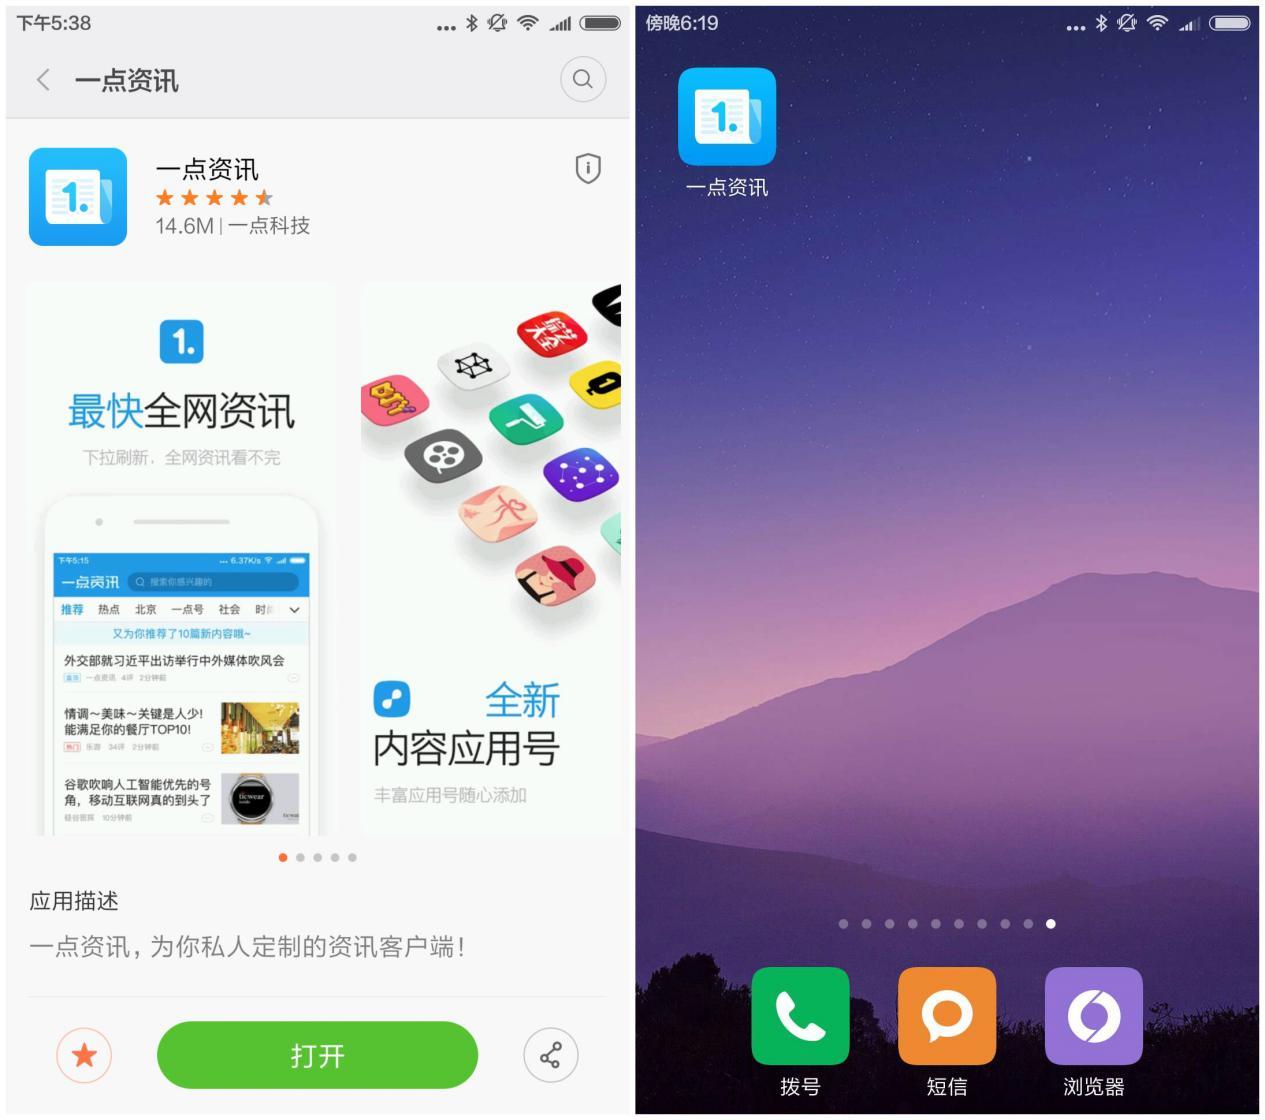 小米、一点资讯合作升级 app正式更名一点资讯